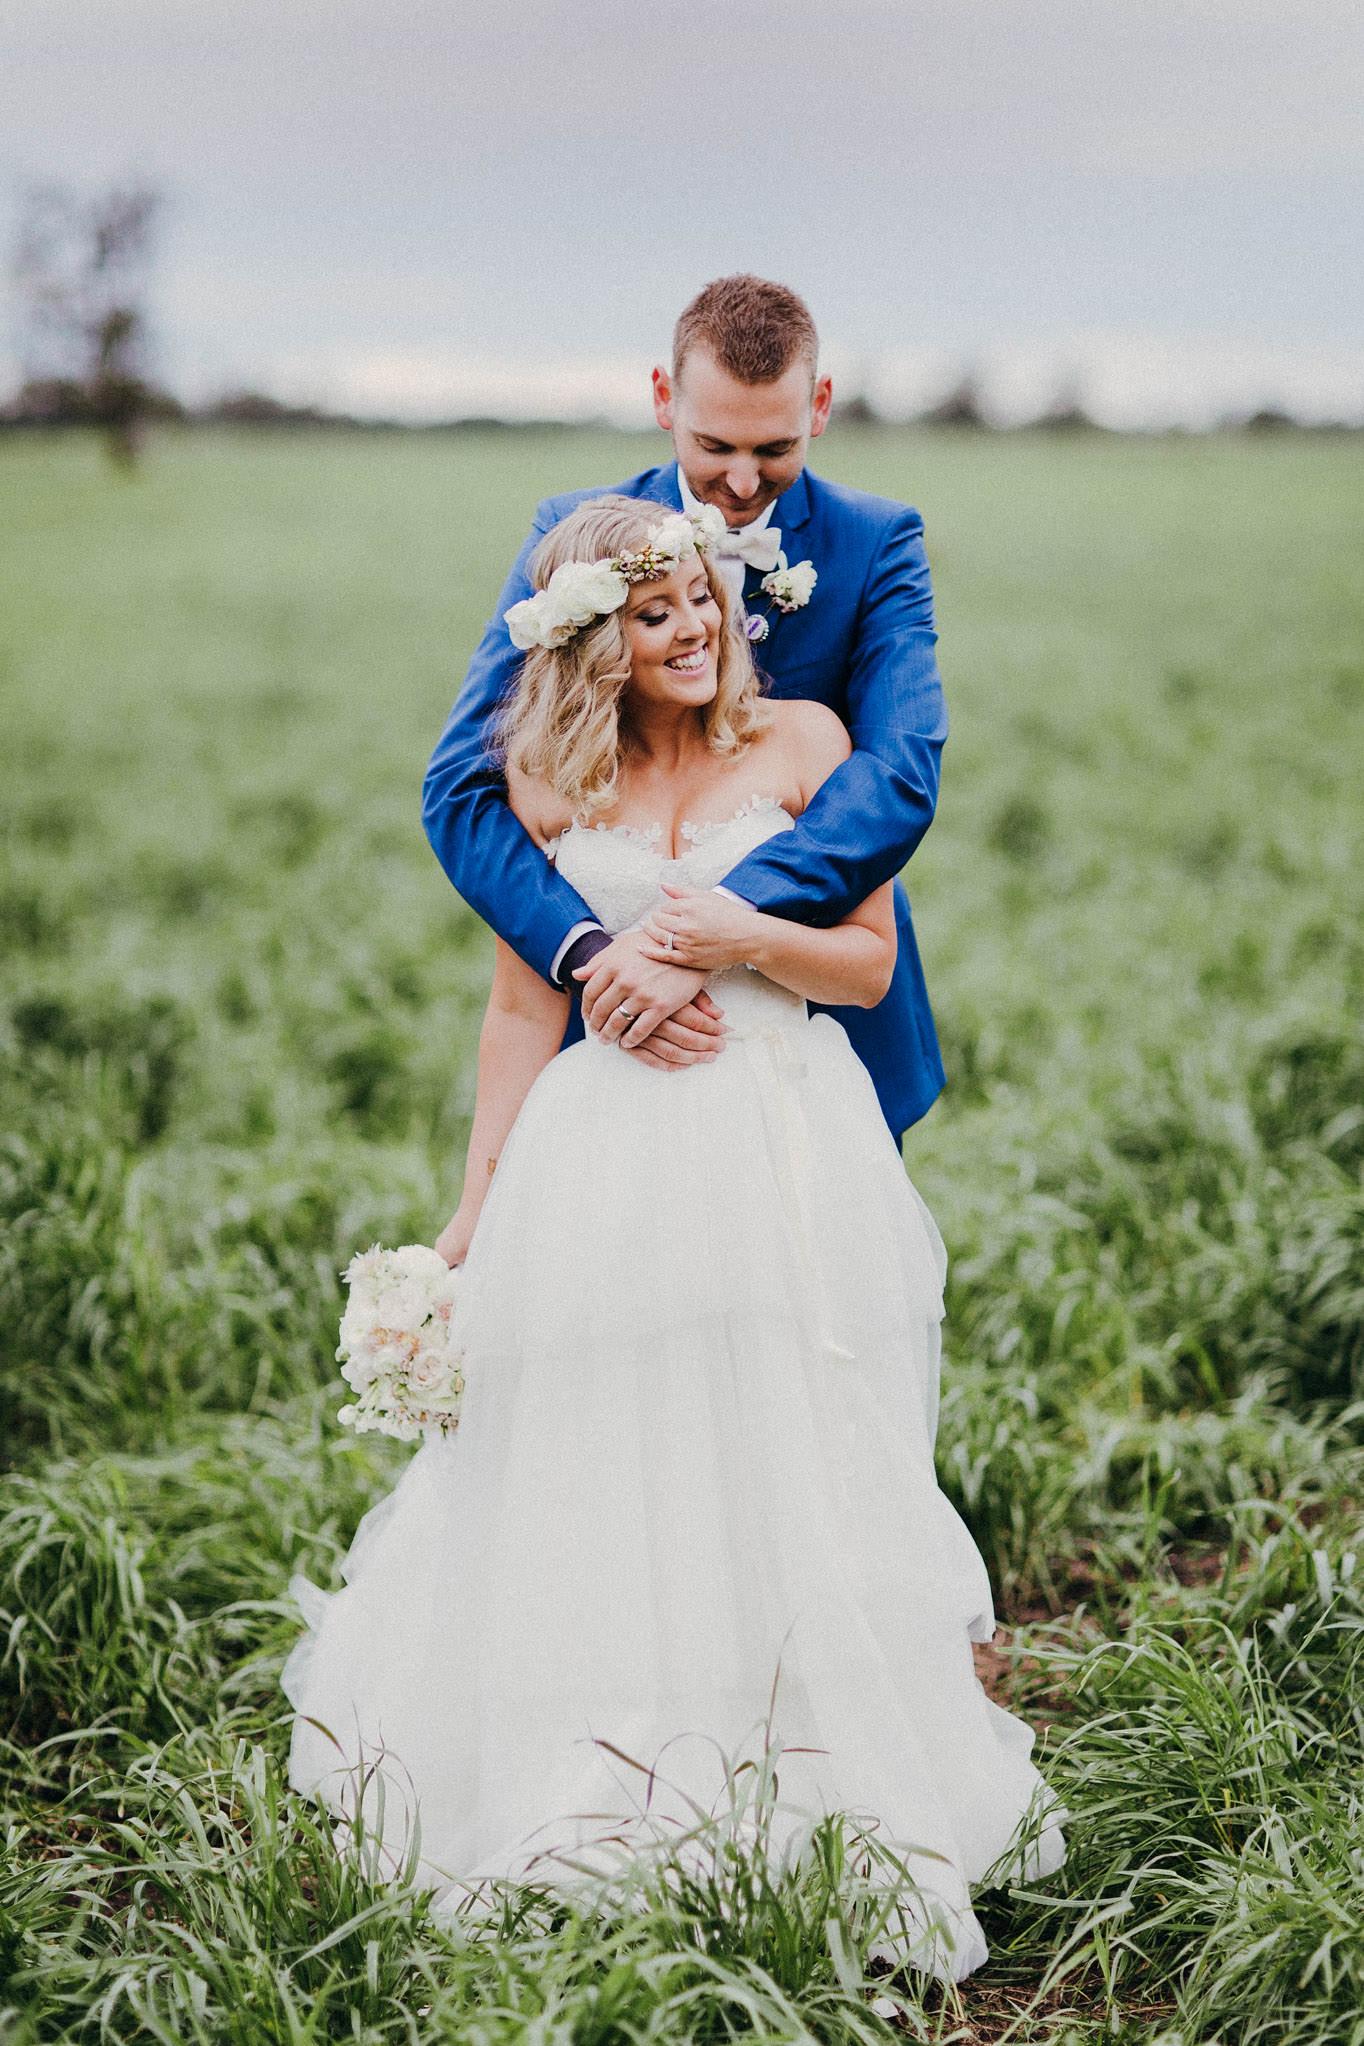 WeddingPhotos_Facebook_2046pixels-1000-24.jpg